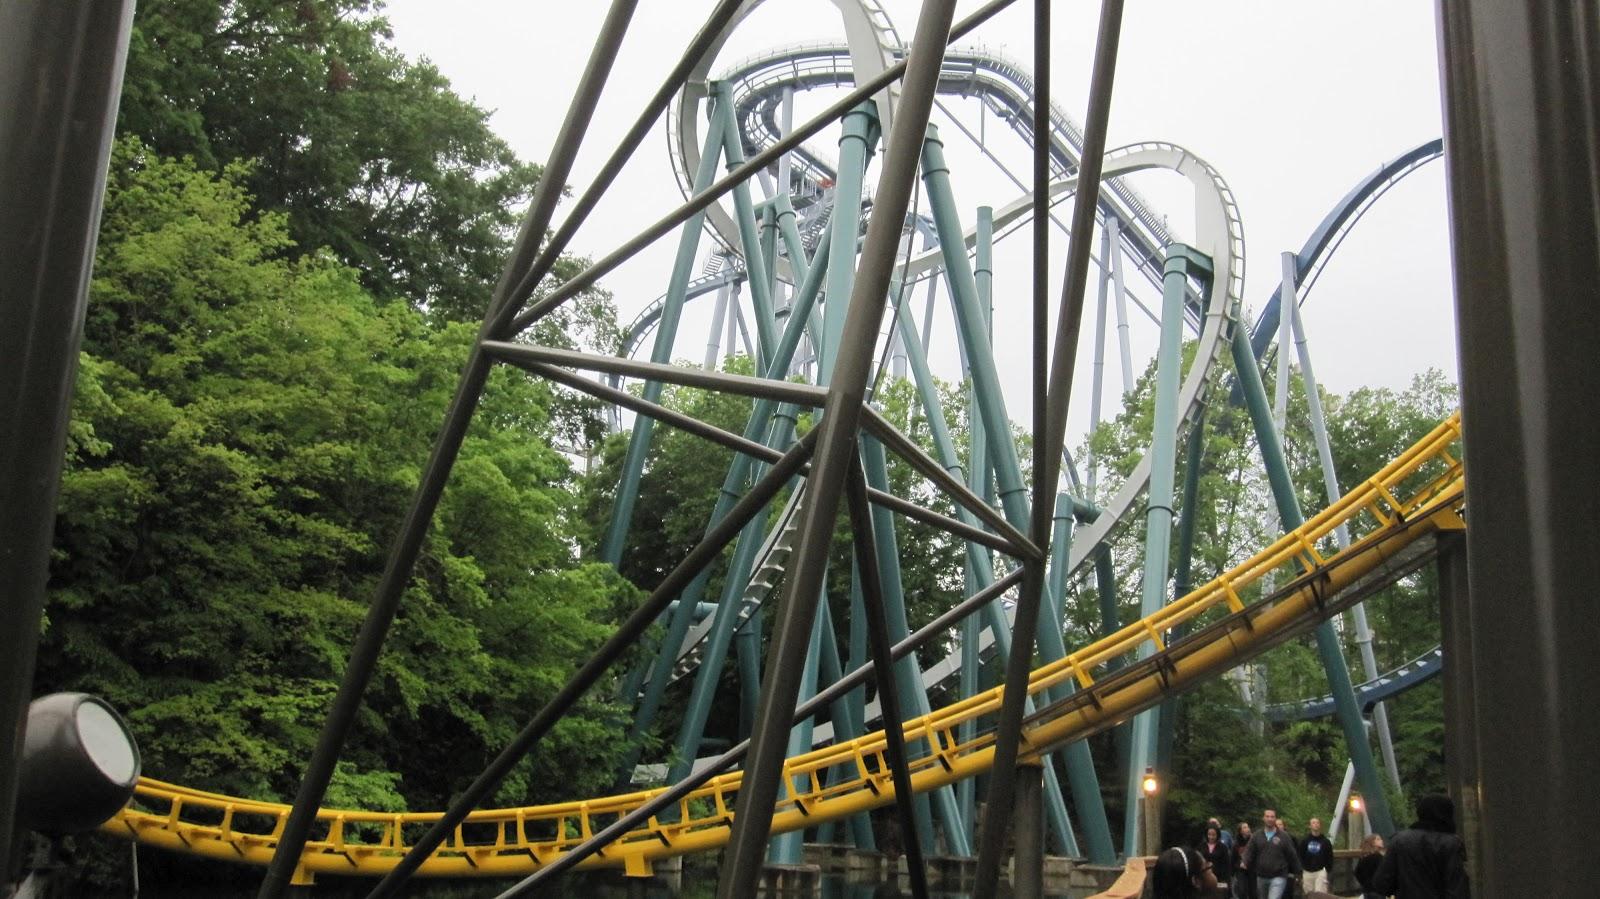 Coaster Reviews: Alpengeist - Busch Gardens Europe (VA)